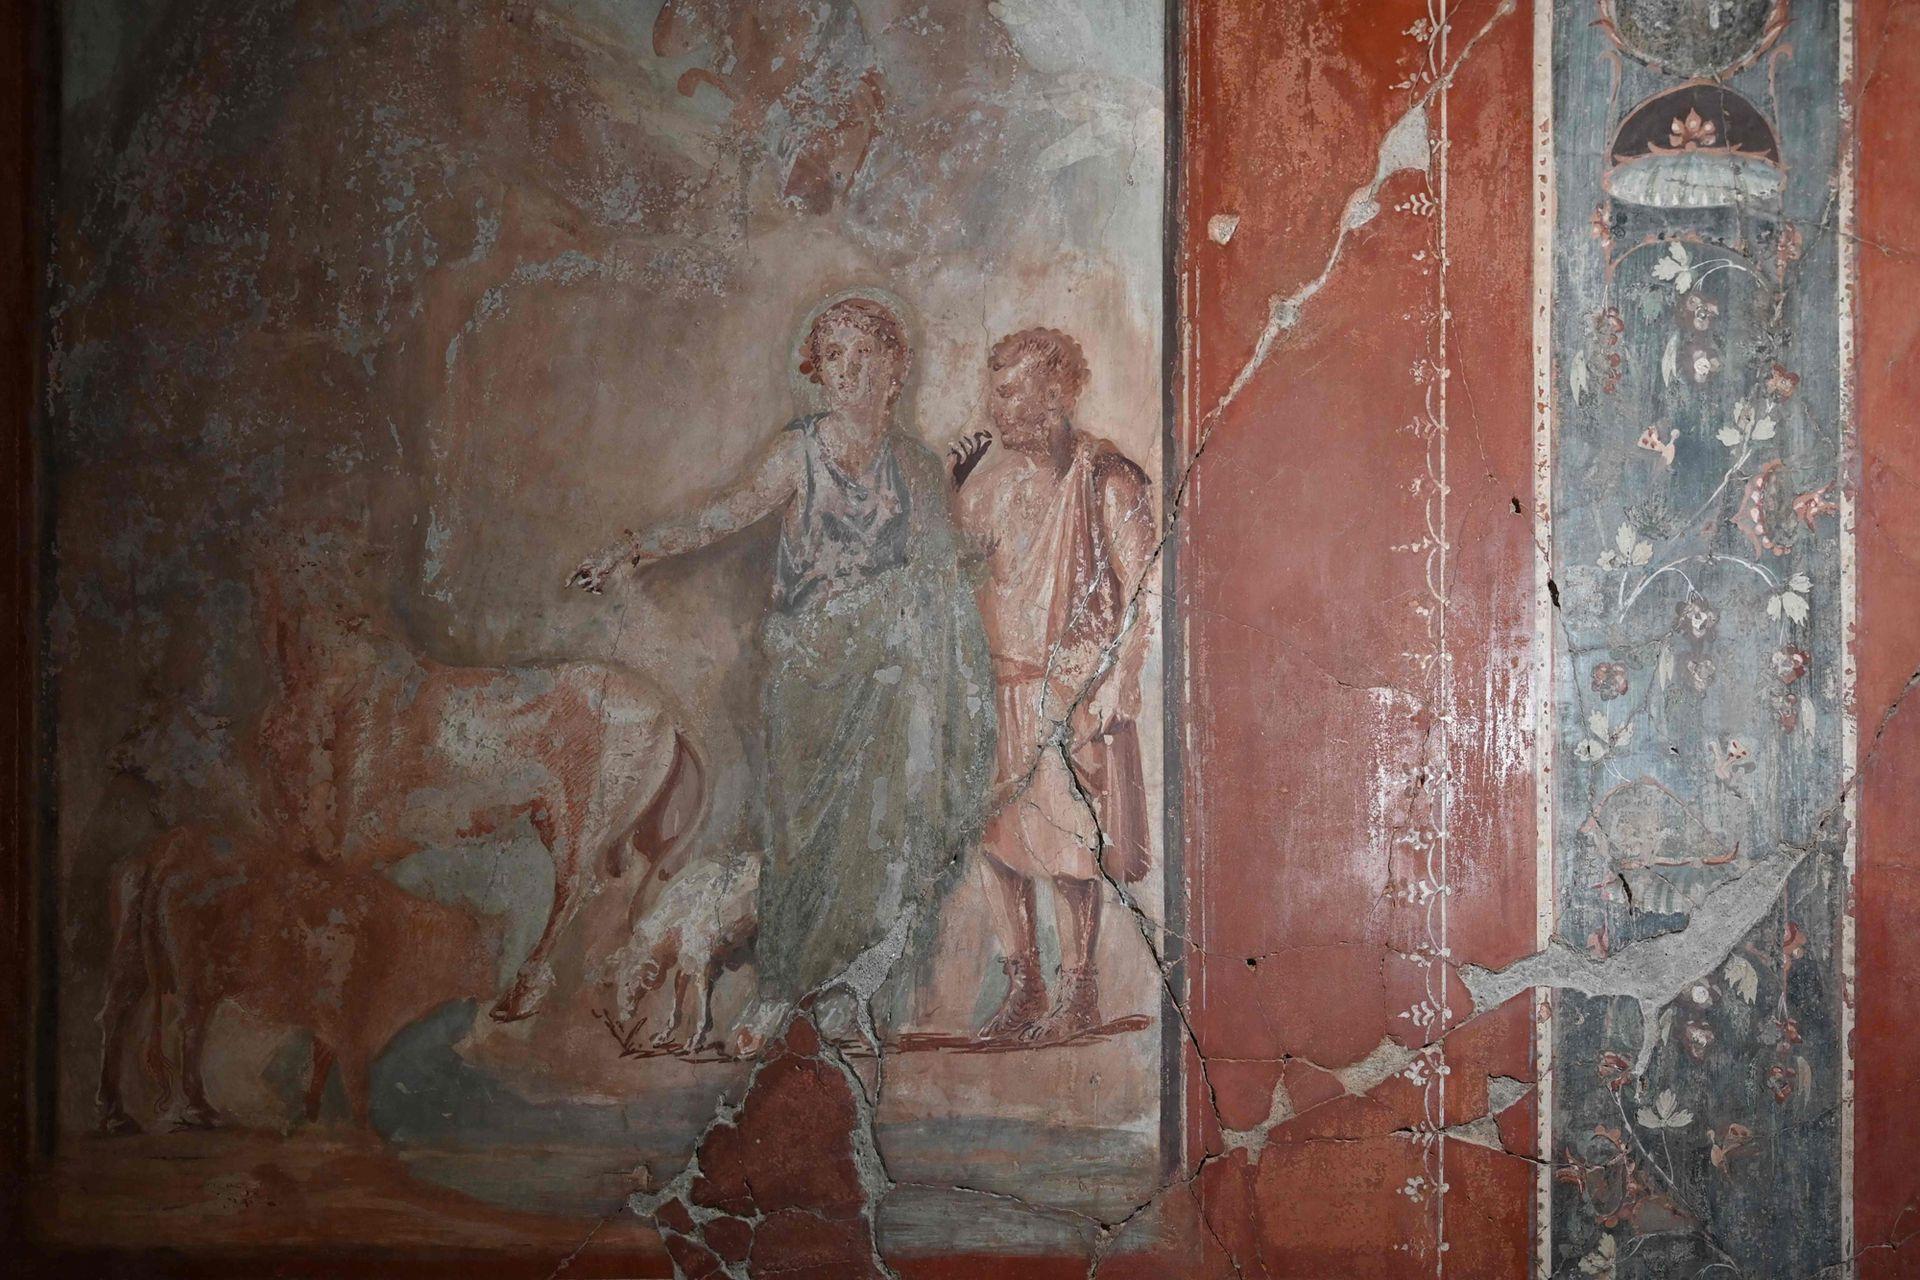 Con la restauración de los frescos que hay en el museo, ahora puede ser nuevamente visitado por los miles de turistas que ya visitan la ciudad